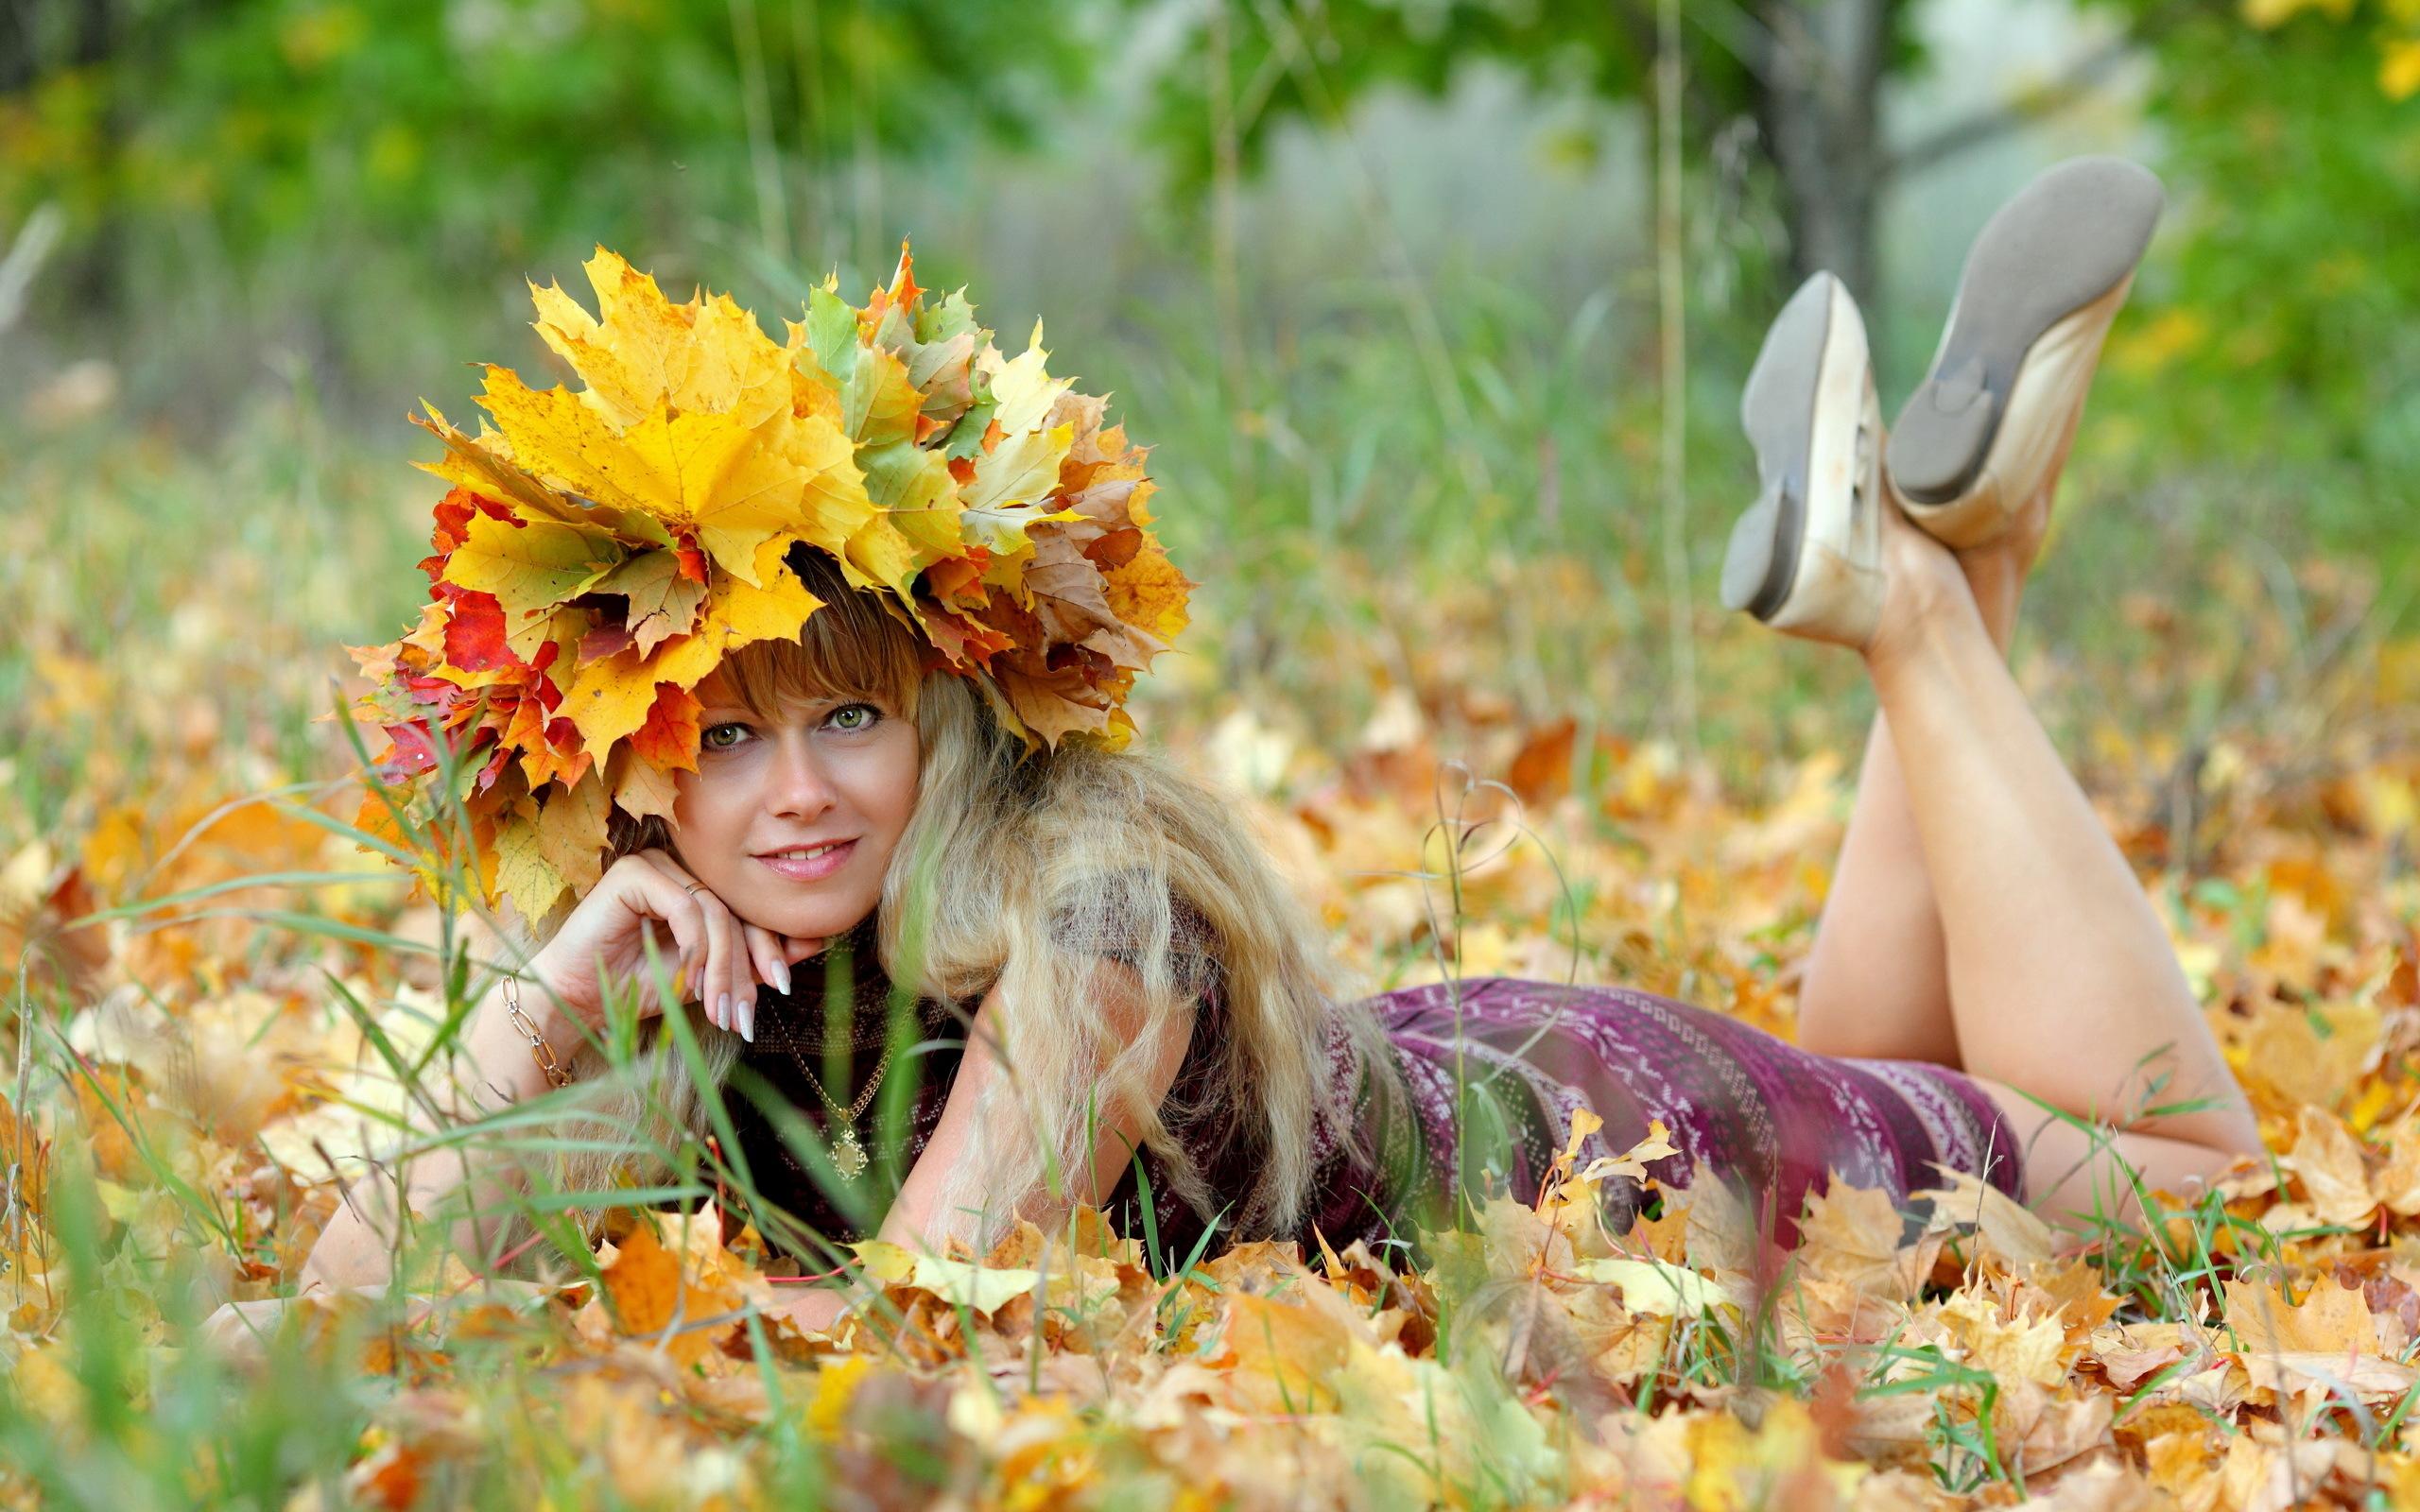 Картинки прикольная девушка осень, папе объемные открытки